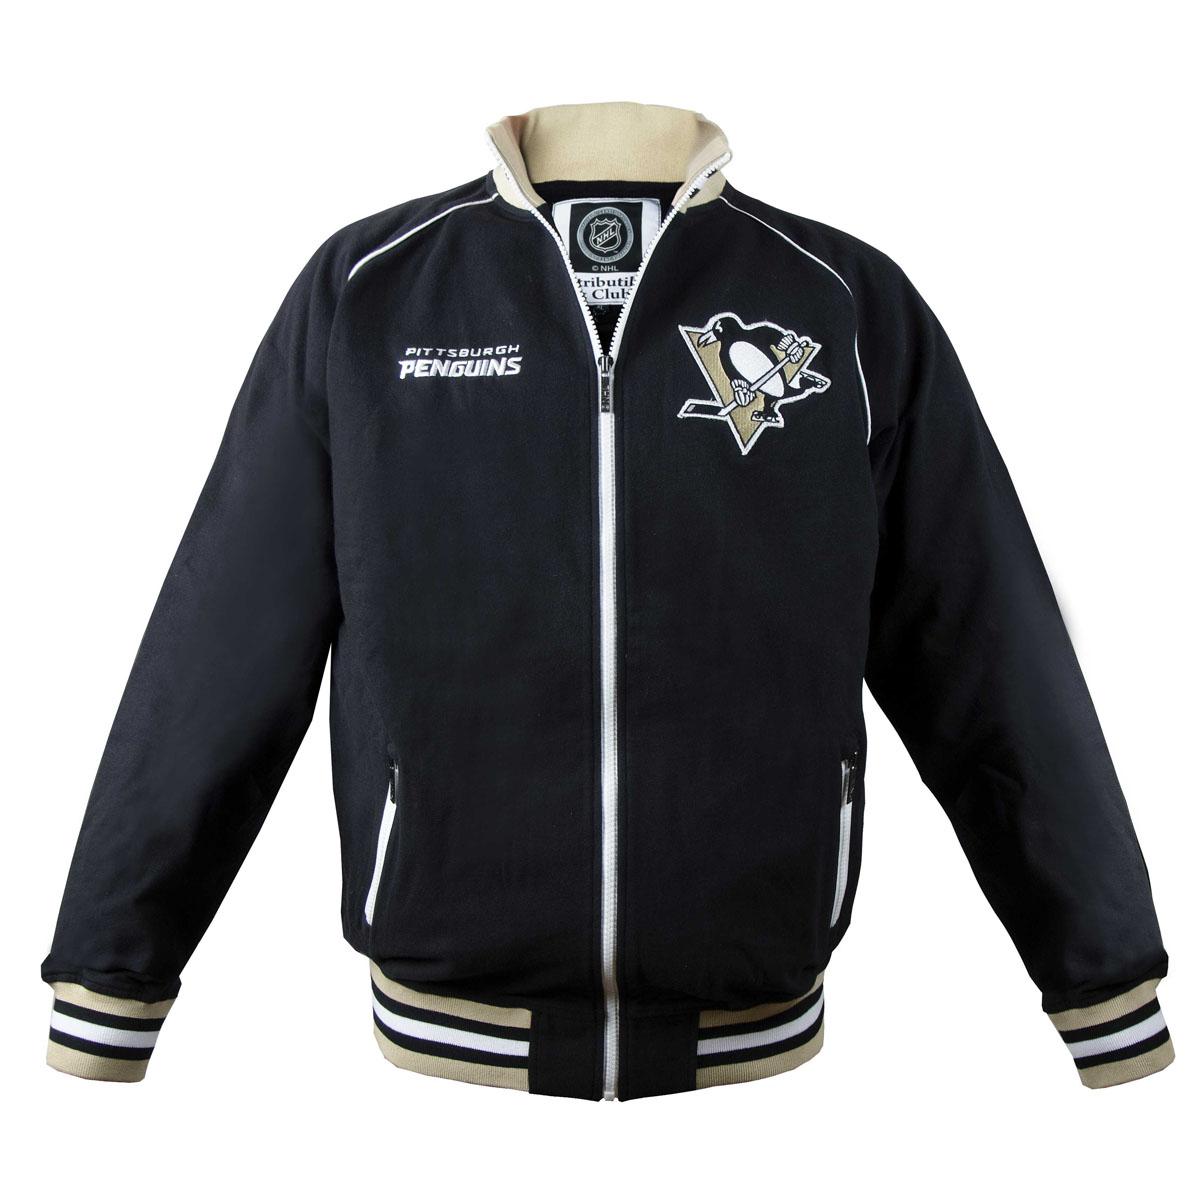 Толстовка с логотипом (ХК)35560Мужская толстовка NHL Pittsburgh Penguins, изготовленная из натурального хлопка, очень мягкая и приятная на ощупь, не сковывает движения, обеспечивая наибольший комфорт. Толстовка с небольшим воротником-стойкой и длинными рукавами-реглан застегивается на молнию по всей длине. Снизу модели предусмотрена широкая мягкая резинка, которая предотвращает проникновение холодного воздуха. Рукава дополнены эластичными манжетами. Резинка, воротник и манжеты оформлены контрастными полосками. Спереди расположены два прорезных кармана на застежках-молниях. Изделие оформлено вышивкой с названием хоккейного клуба Pittsburgh Penguins и аппликацией с его эмблемой. Стильная толстовка подарит вам комфорт и станет отличным дополнением к вашему гардеробу.